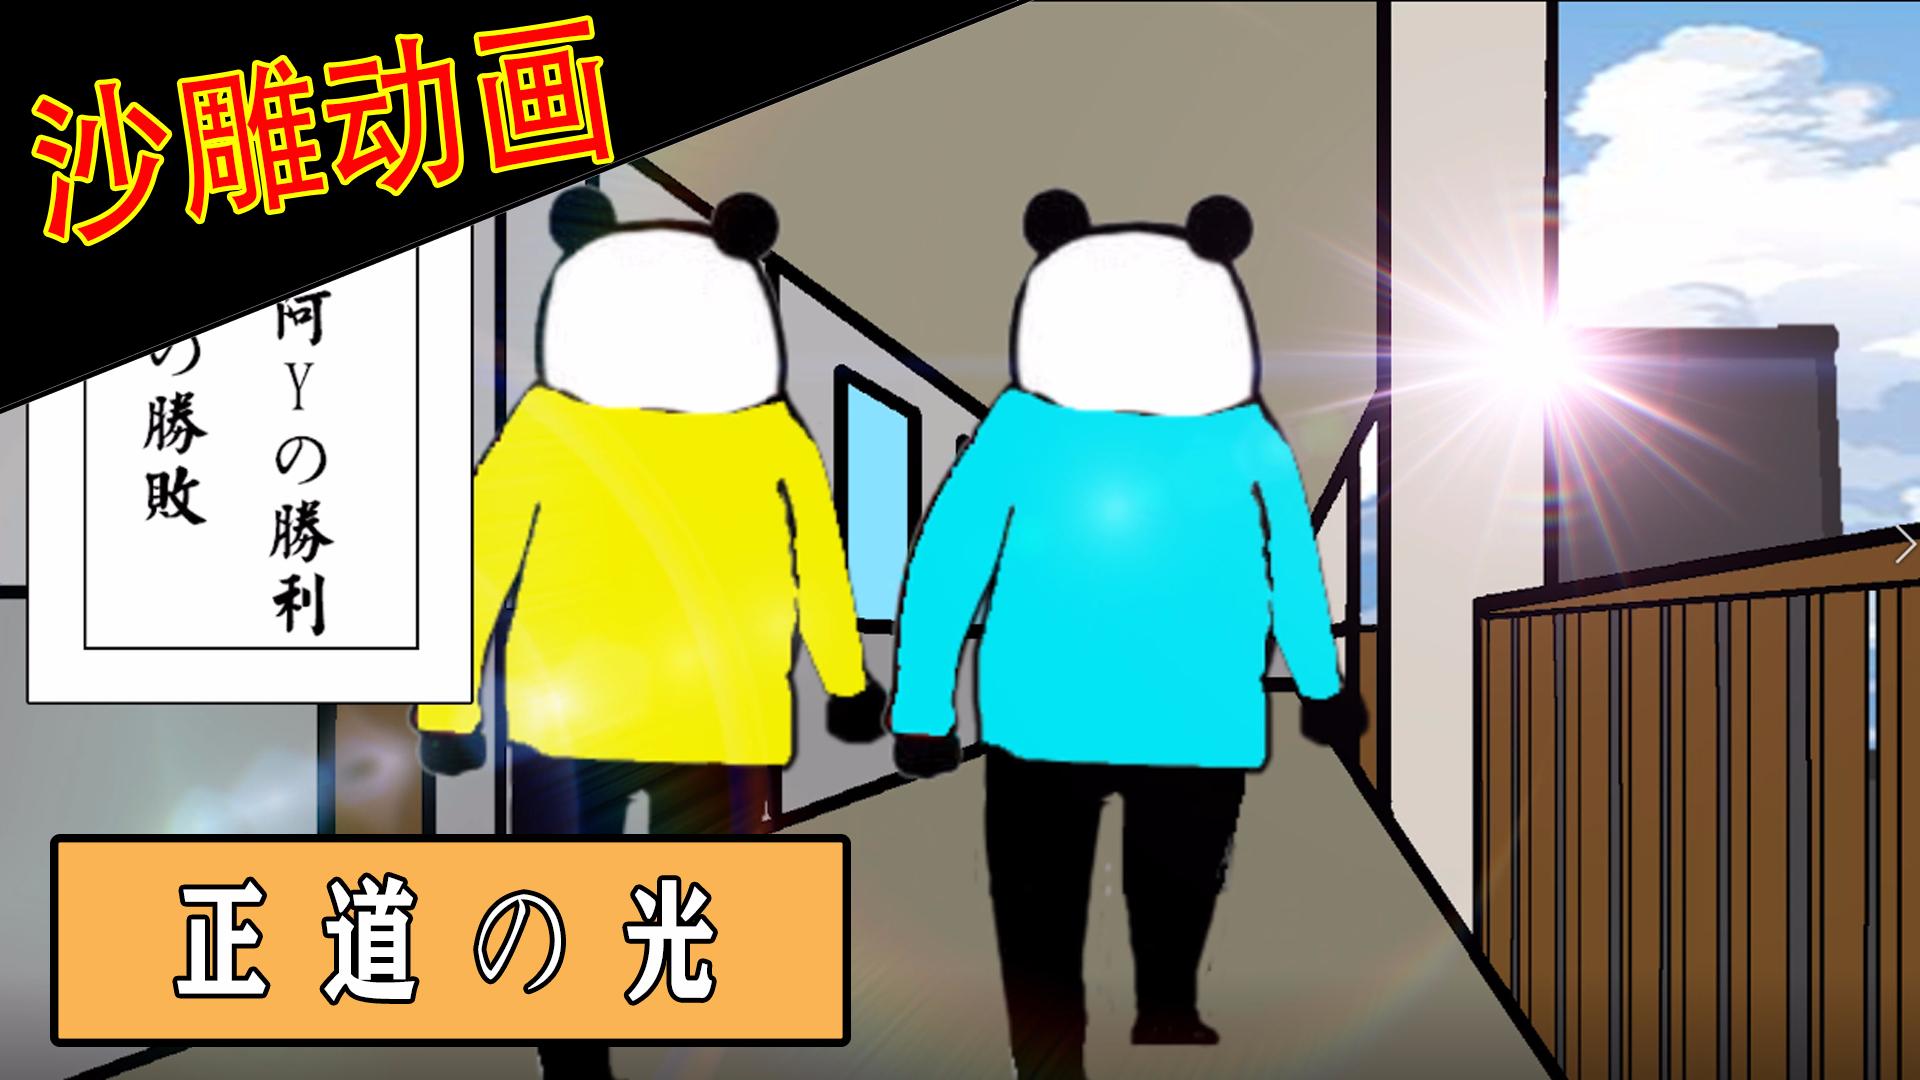 【沙雕动画】正 道 の 光!